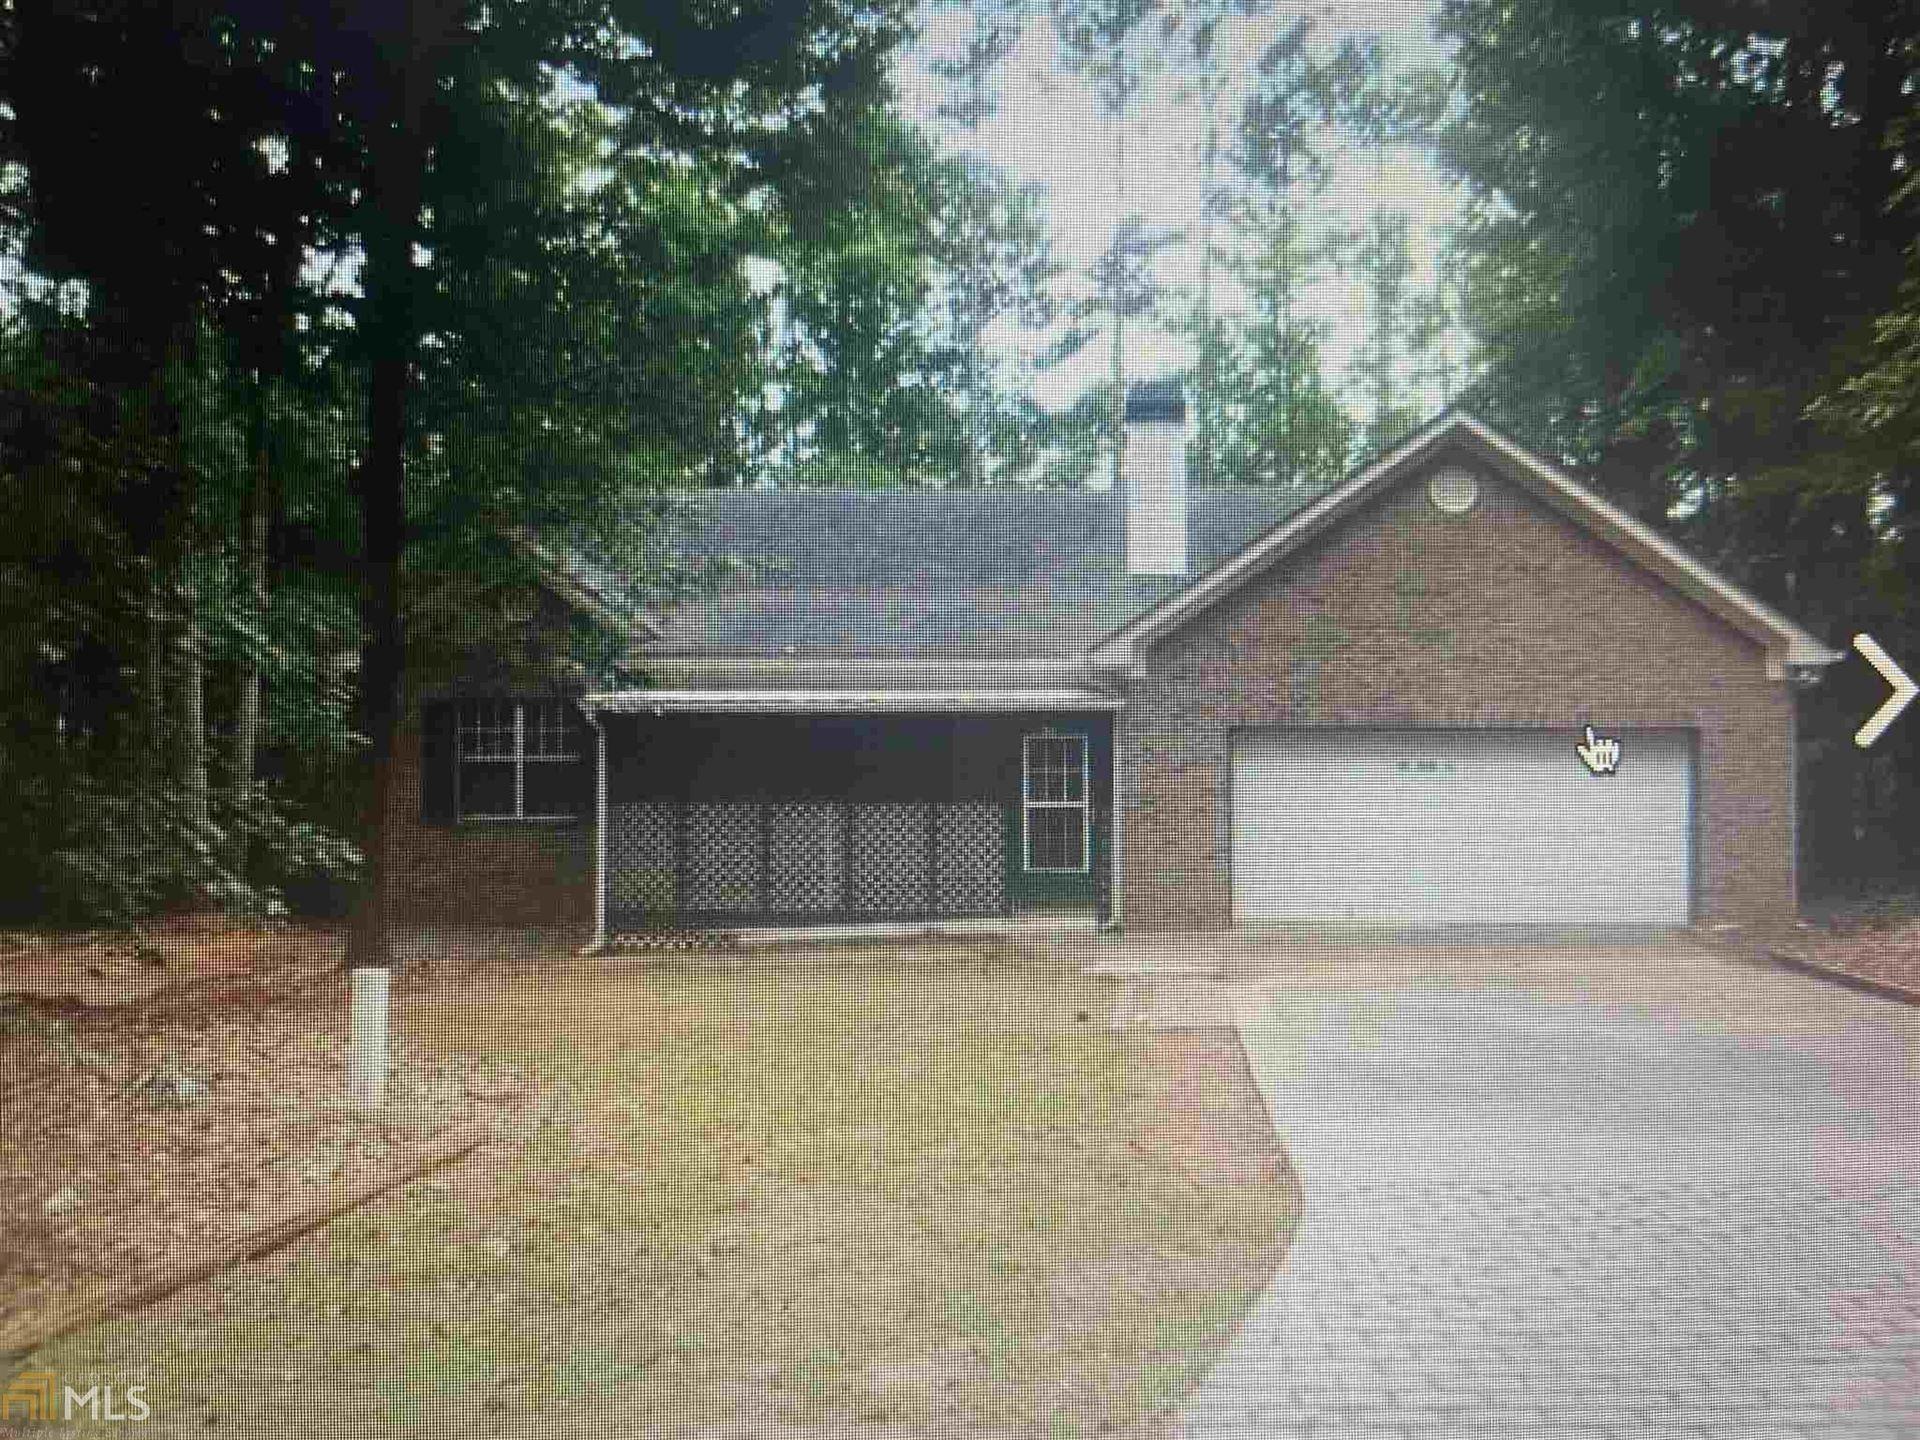 308 Cedar Ln, Stockbridge, GA 30281 - MLS#: 8856192